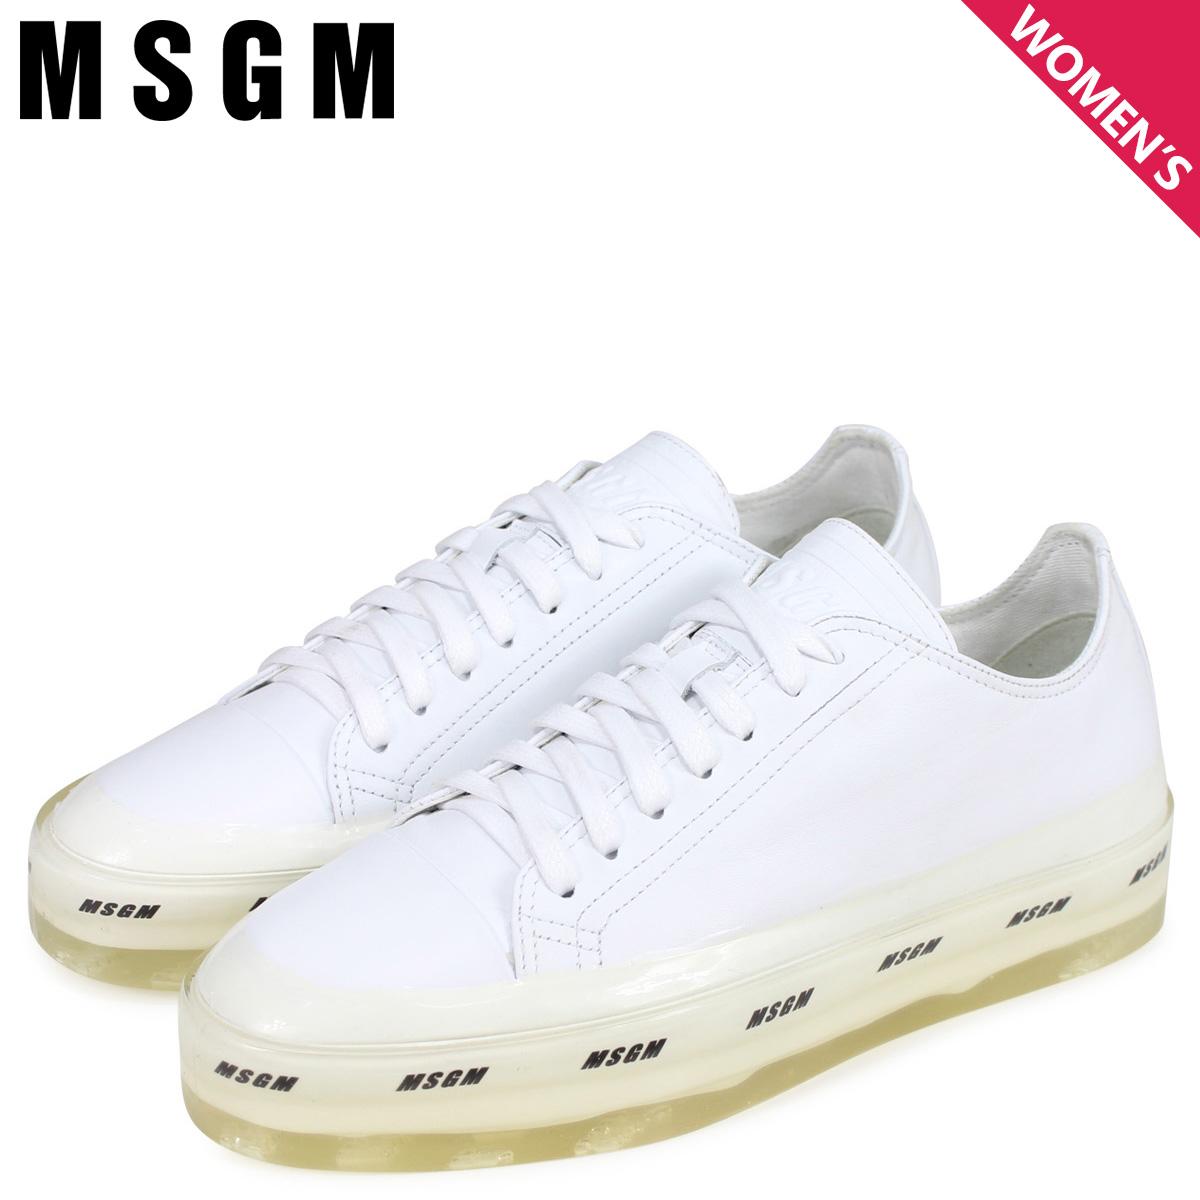 エムエスジーエム MSGM スニーカー レディース OVERSIZED LOGO SOLE ホワイト 白 2641MDS724 160 01 [3/6 新入荷]